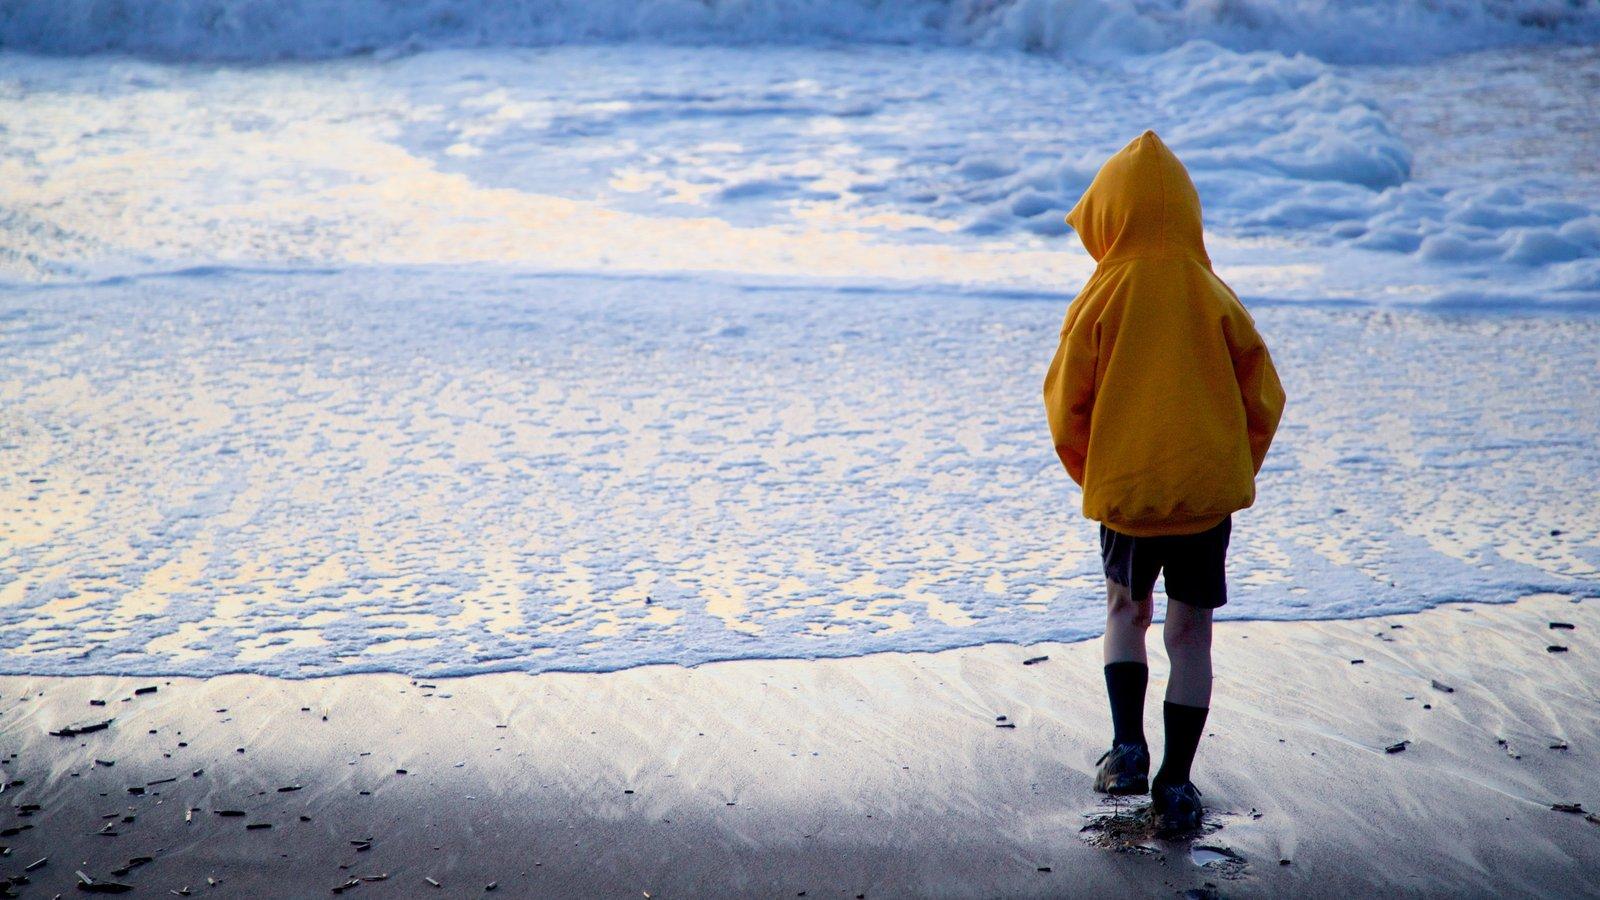 Baker Beach que inclui uma praia e paisagens litorâneas assim como uma criança sozinha